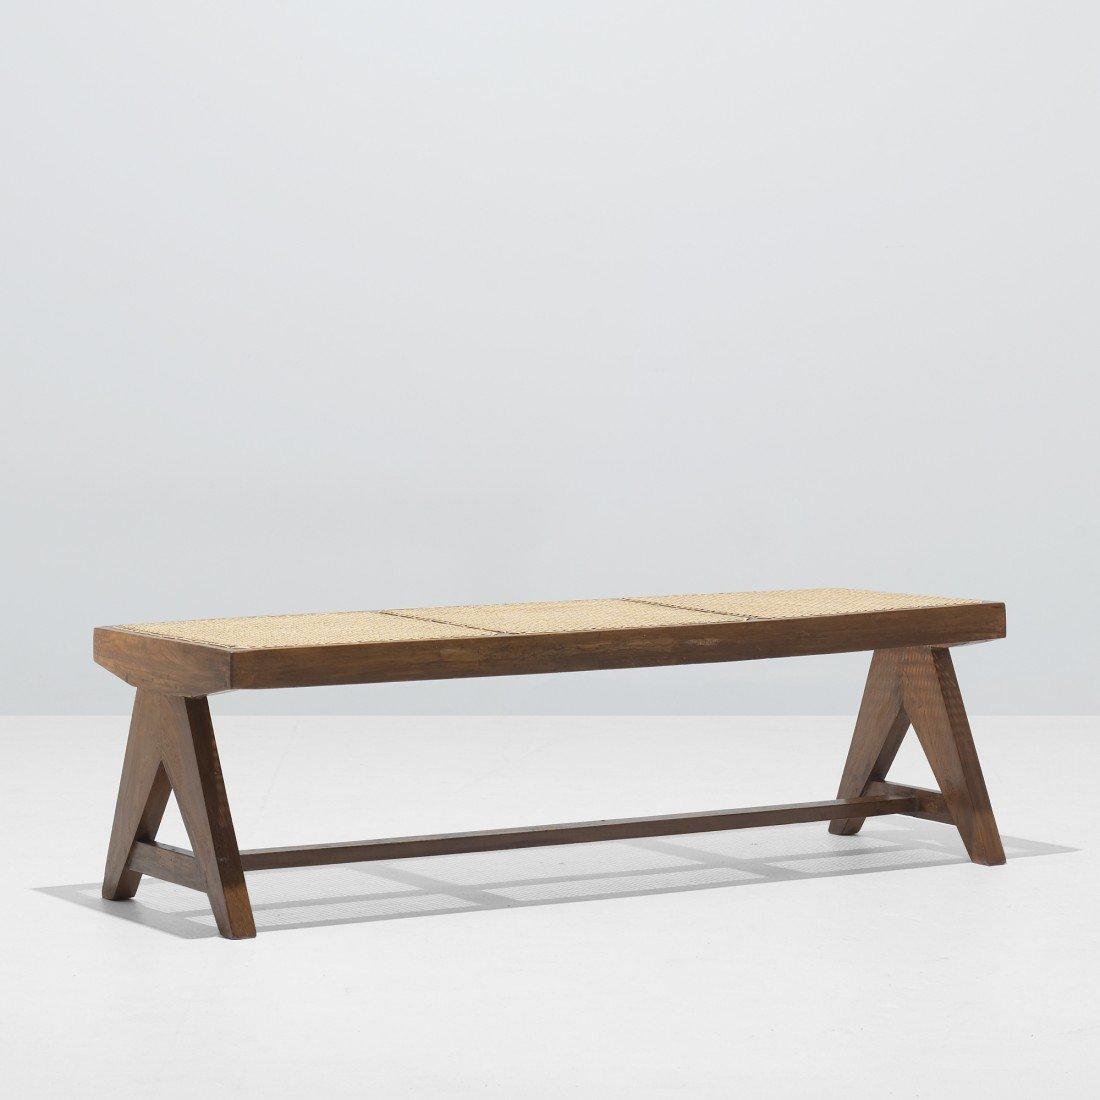 127: Pierre Jeanneret bench